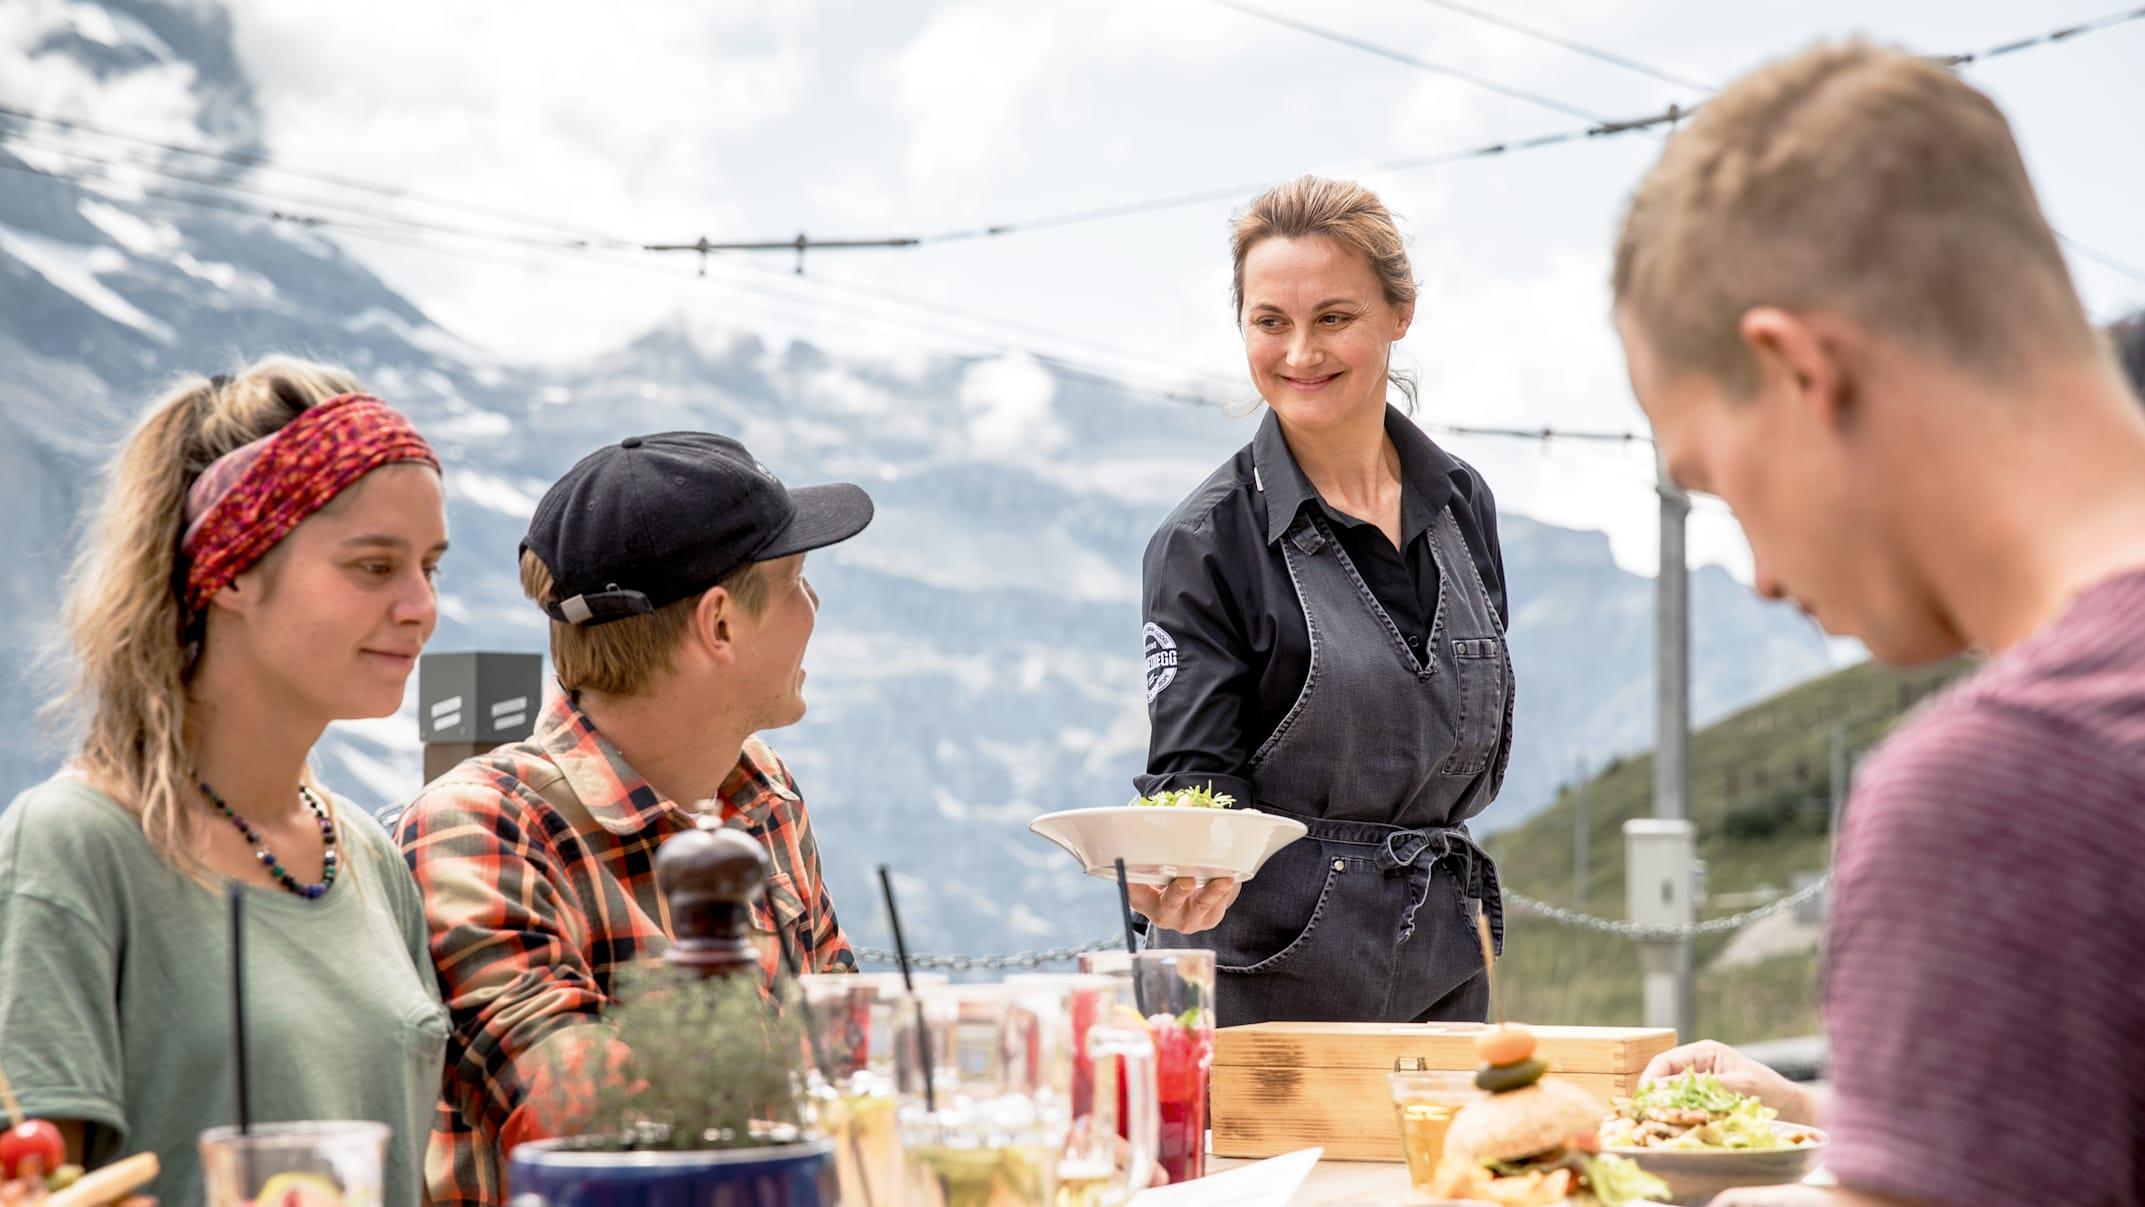 Kleine Scheidegg Mountain Restaurant food